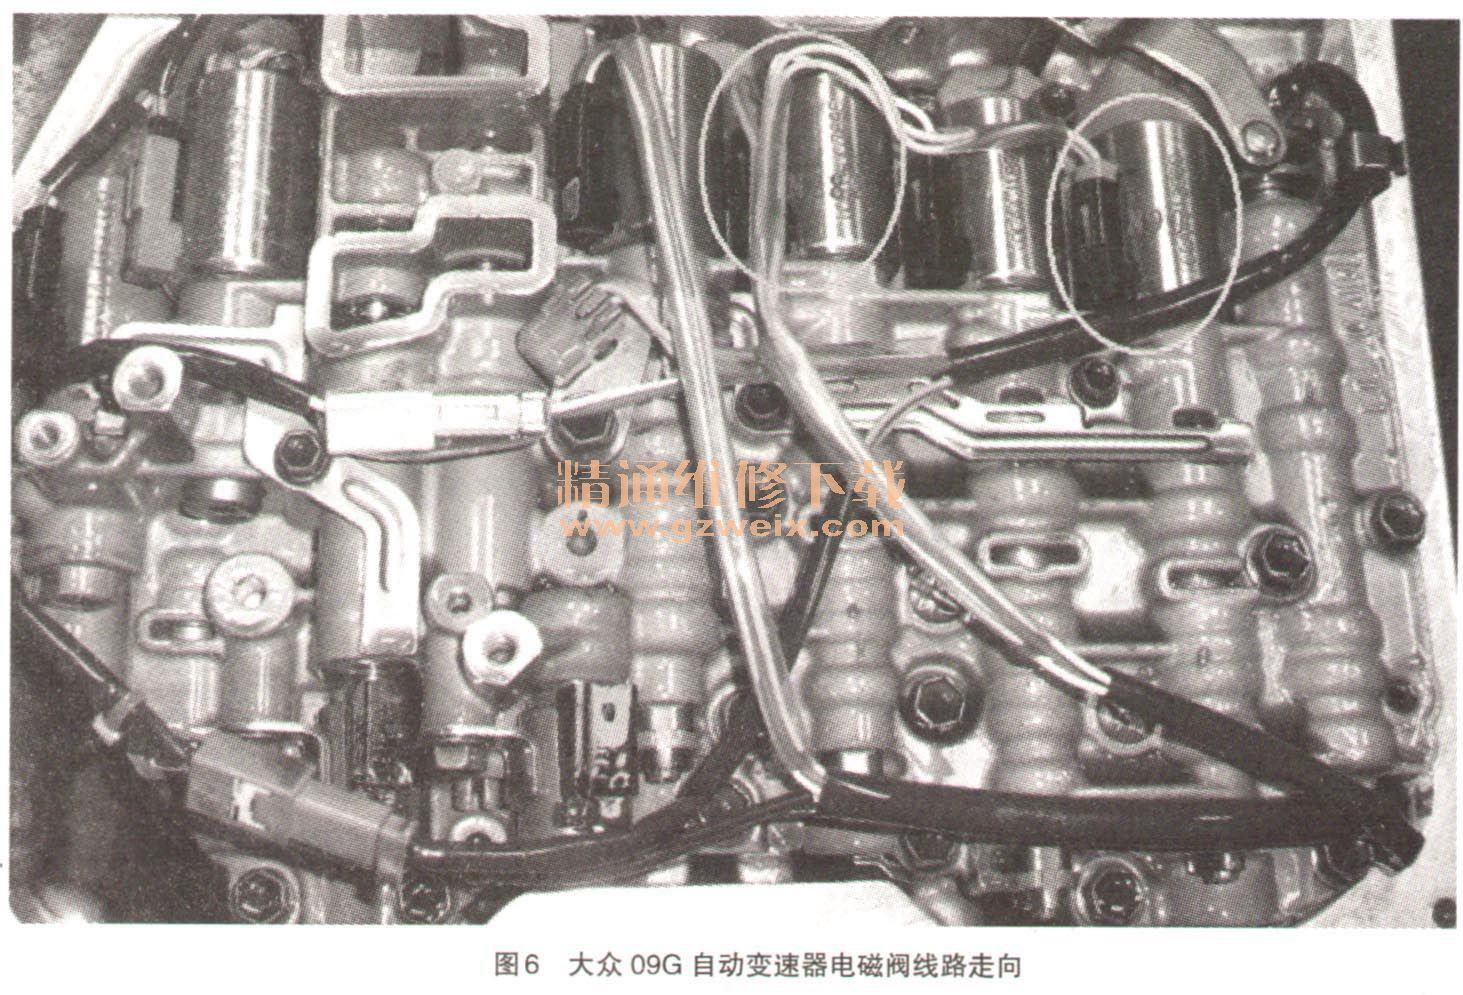 故障排除:重新恢复电磁阀正确插接位置,故障得以排除.图片